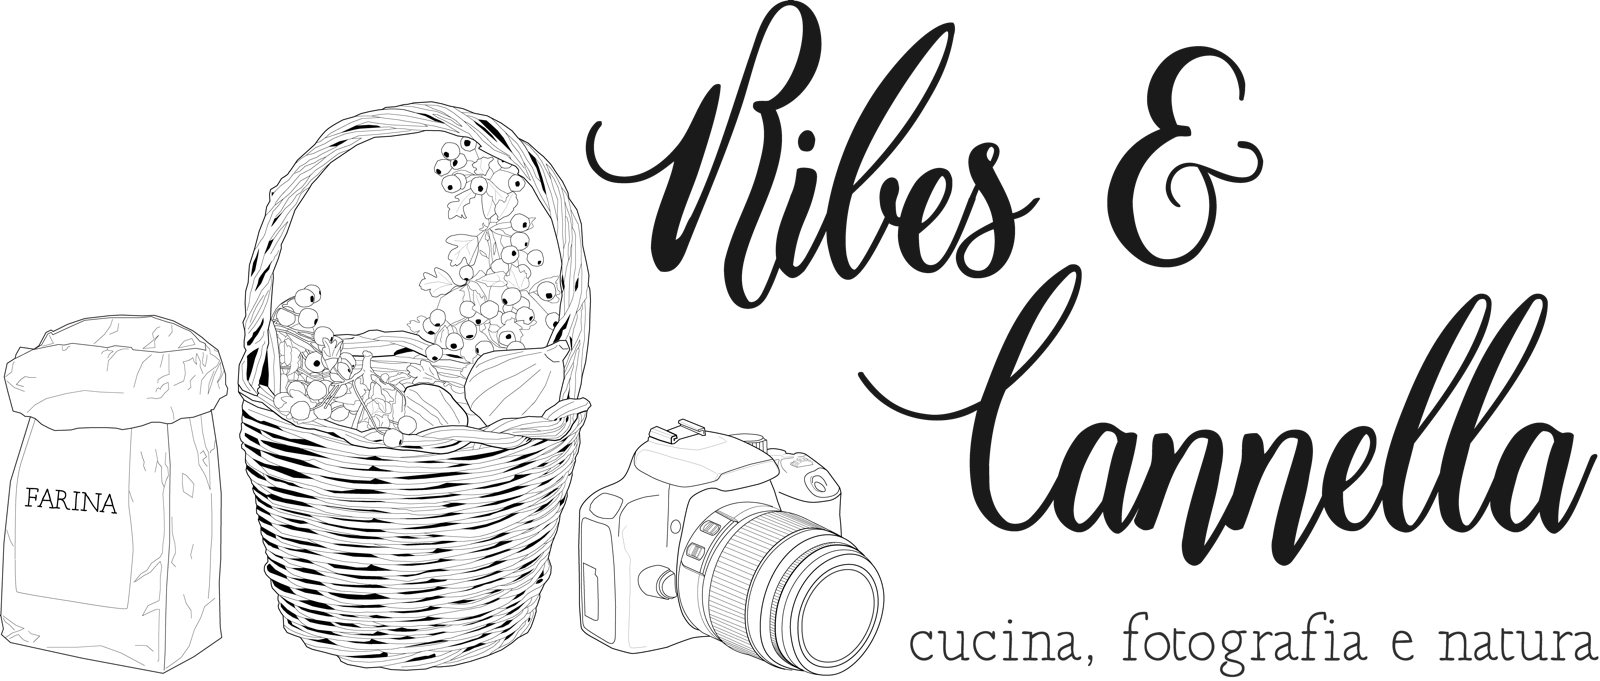 Ribes e Cannella